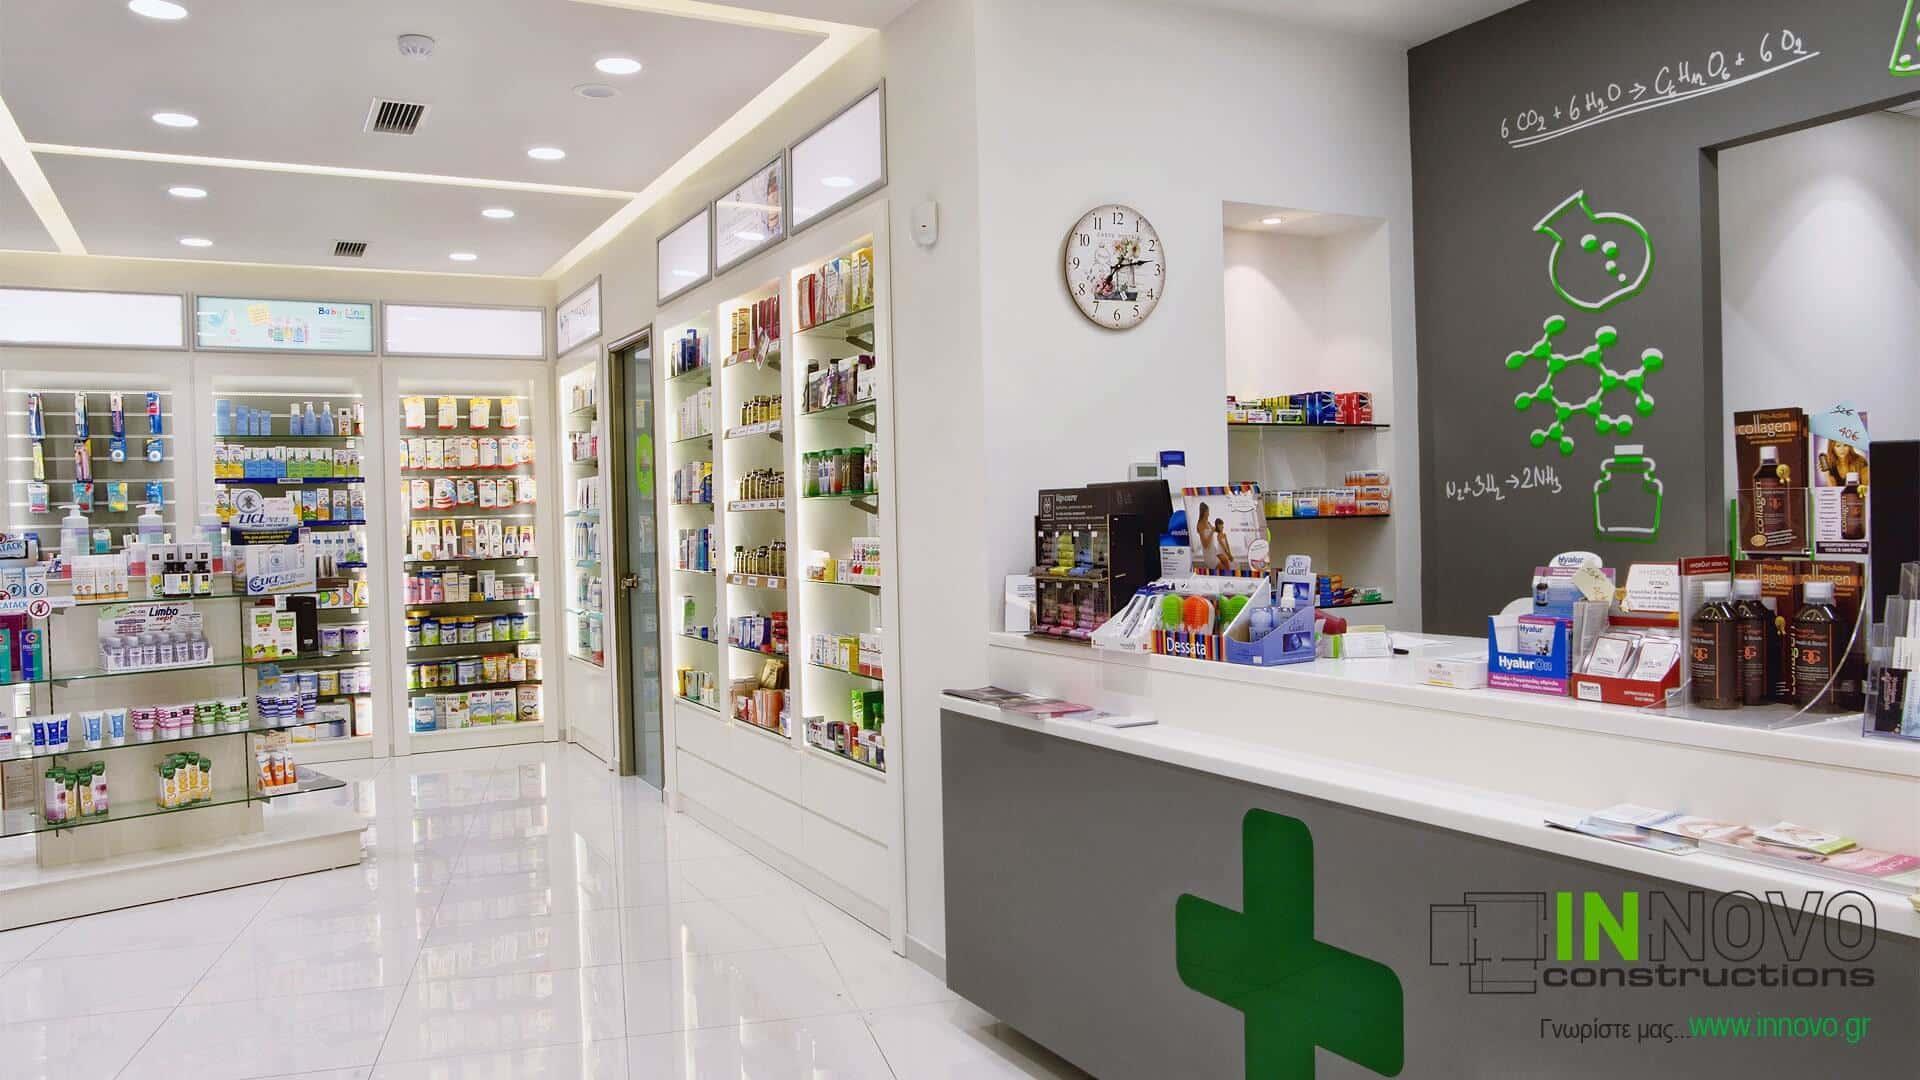 Γέρακας σχεδιασμός φαρμακείου